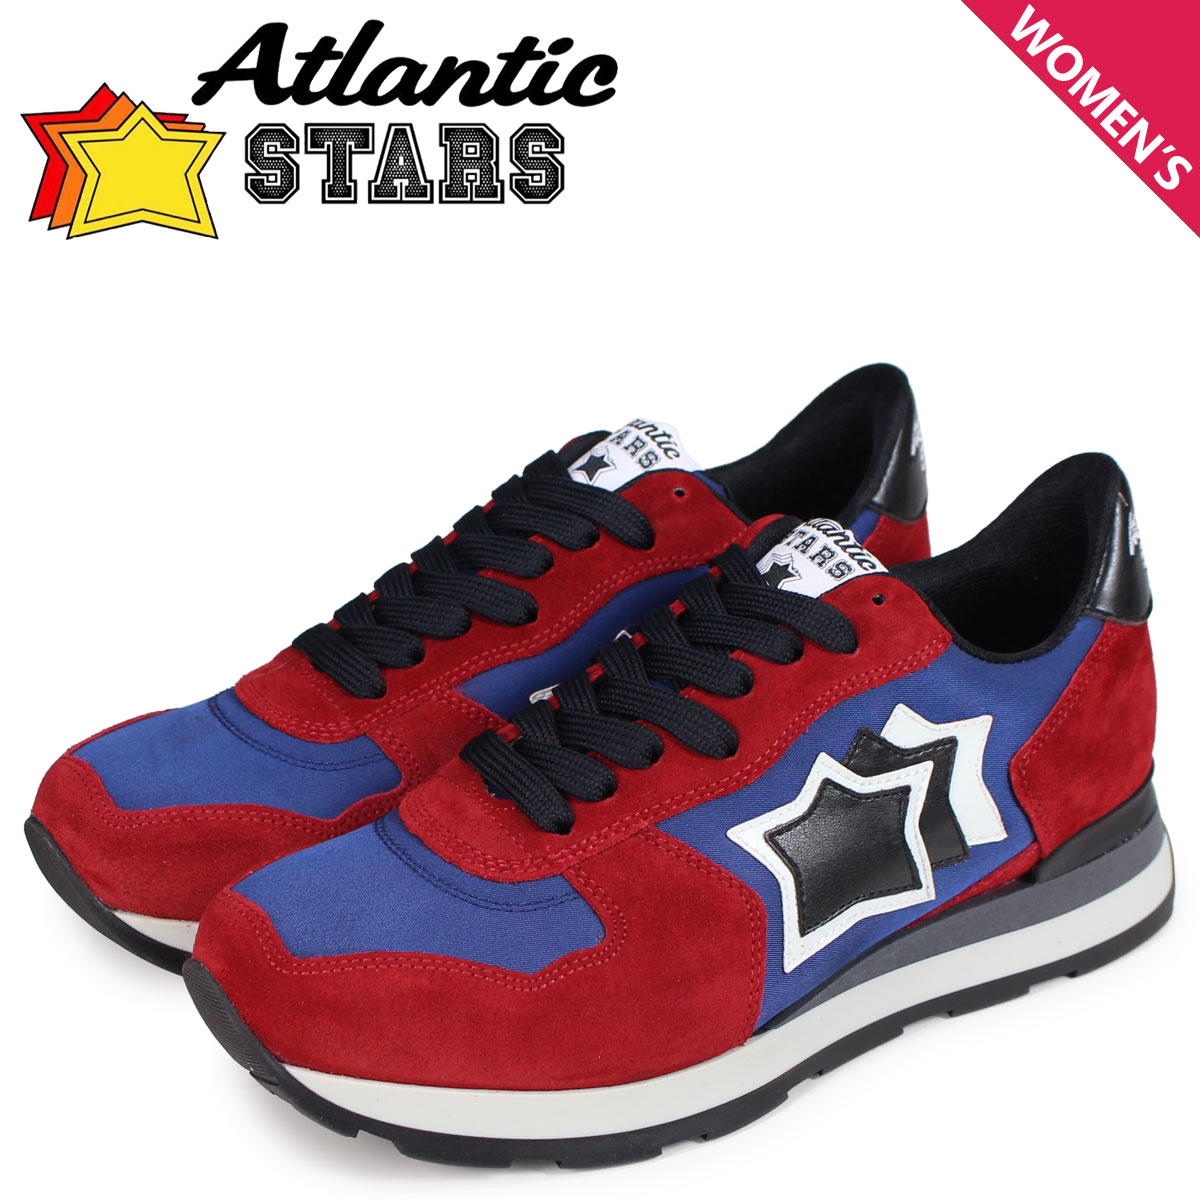 Atlantic STARS レディース スニーカー アトランティックスターズ ベガ VEGA BRN-81N レッド